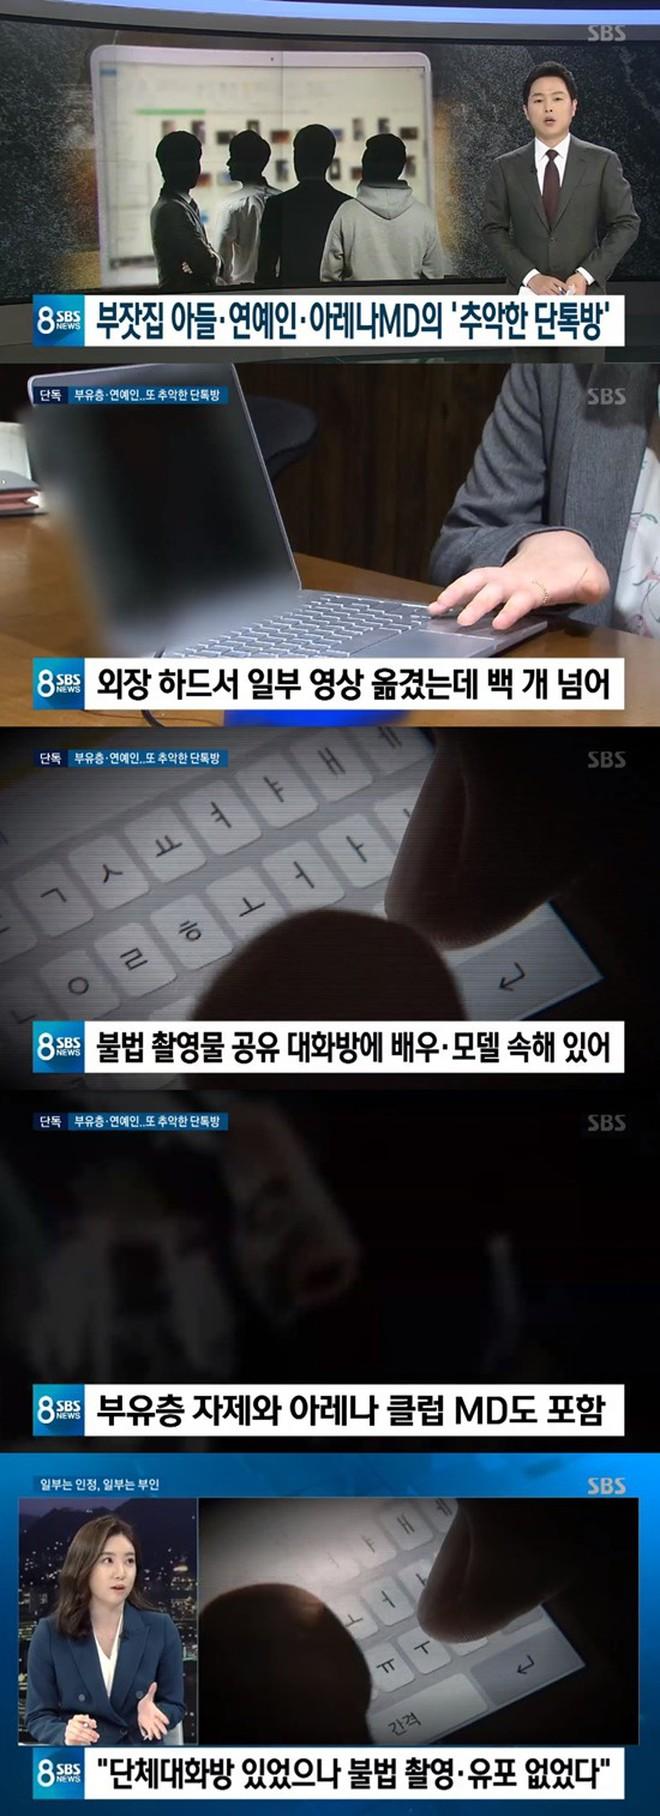 Chấn động chatroom quy mô khủng hơn Jung Joon Young cầm đầu: Có cả diễn viên, quý tử tài phiệt với hàng trăm clip, ảnh sex